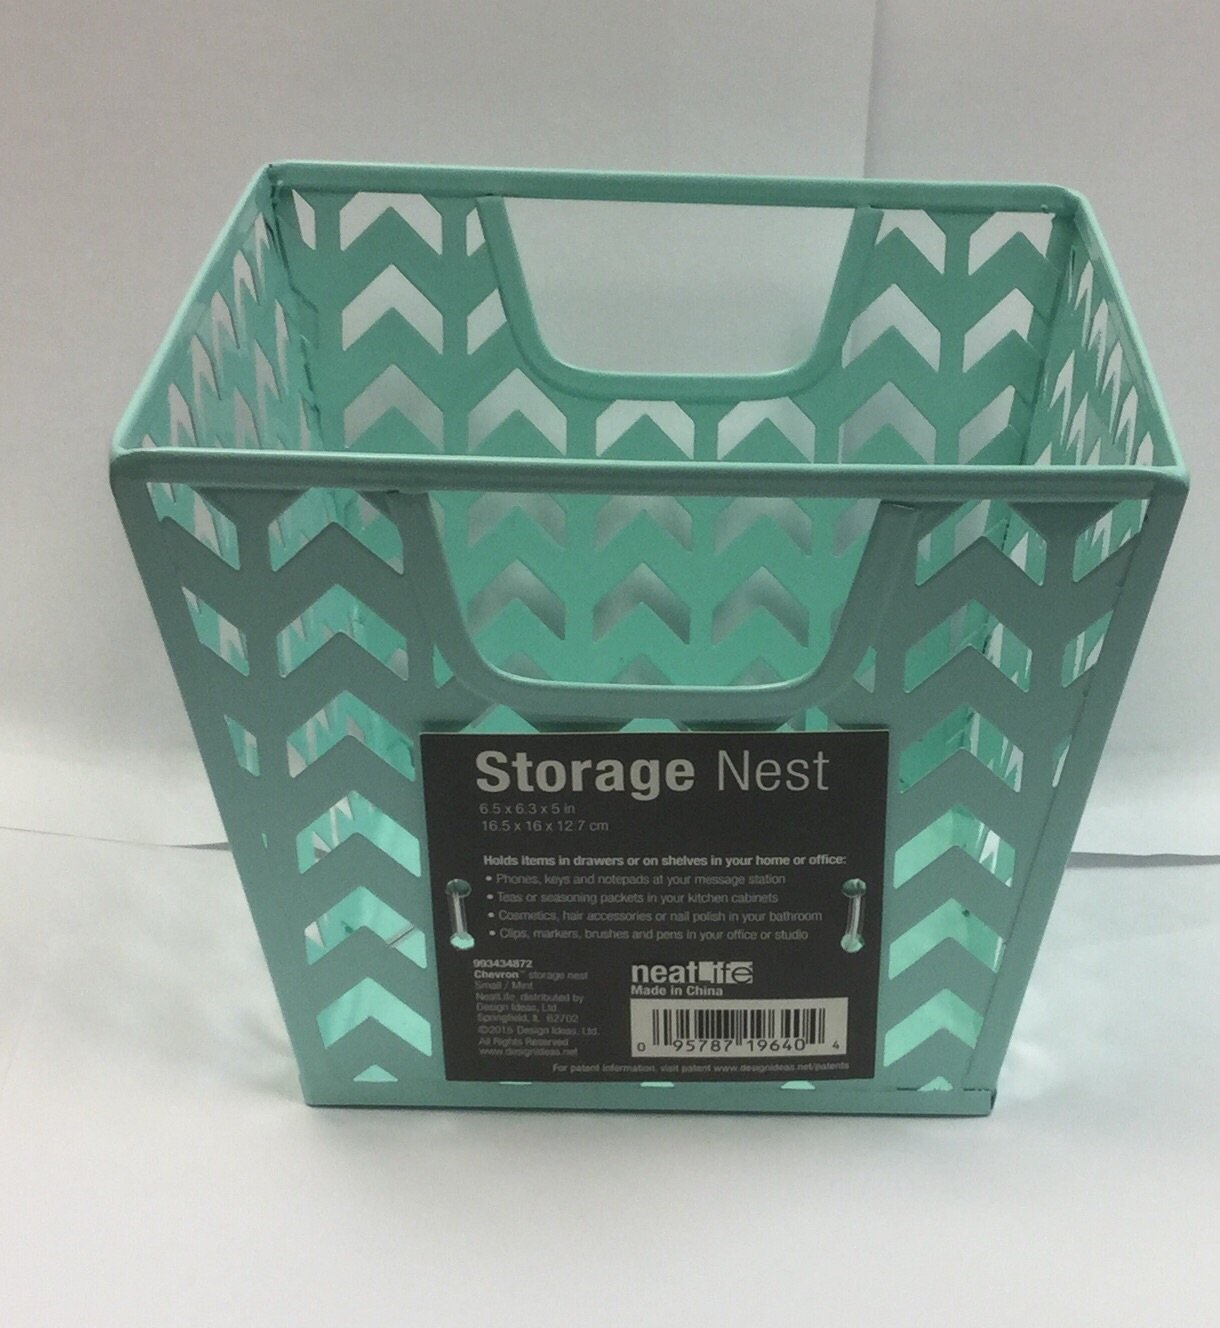 Chevron Storage Nest 6.5 x 6.3 x 5 inch Small (mint)